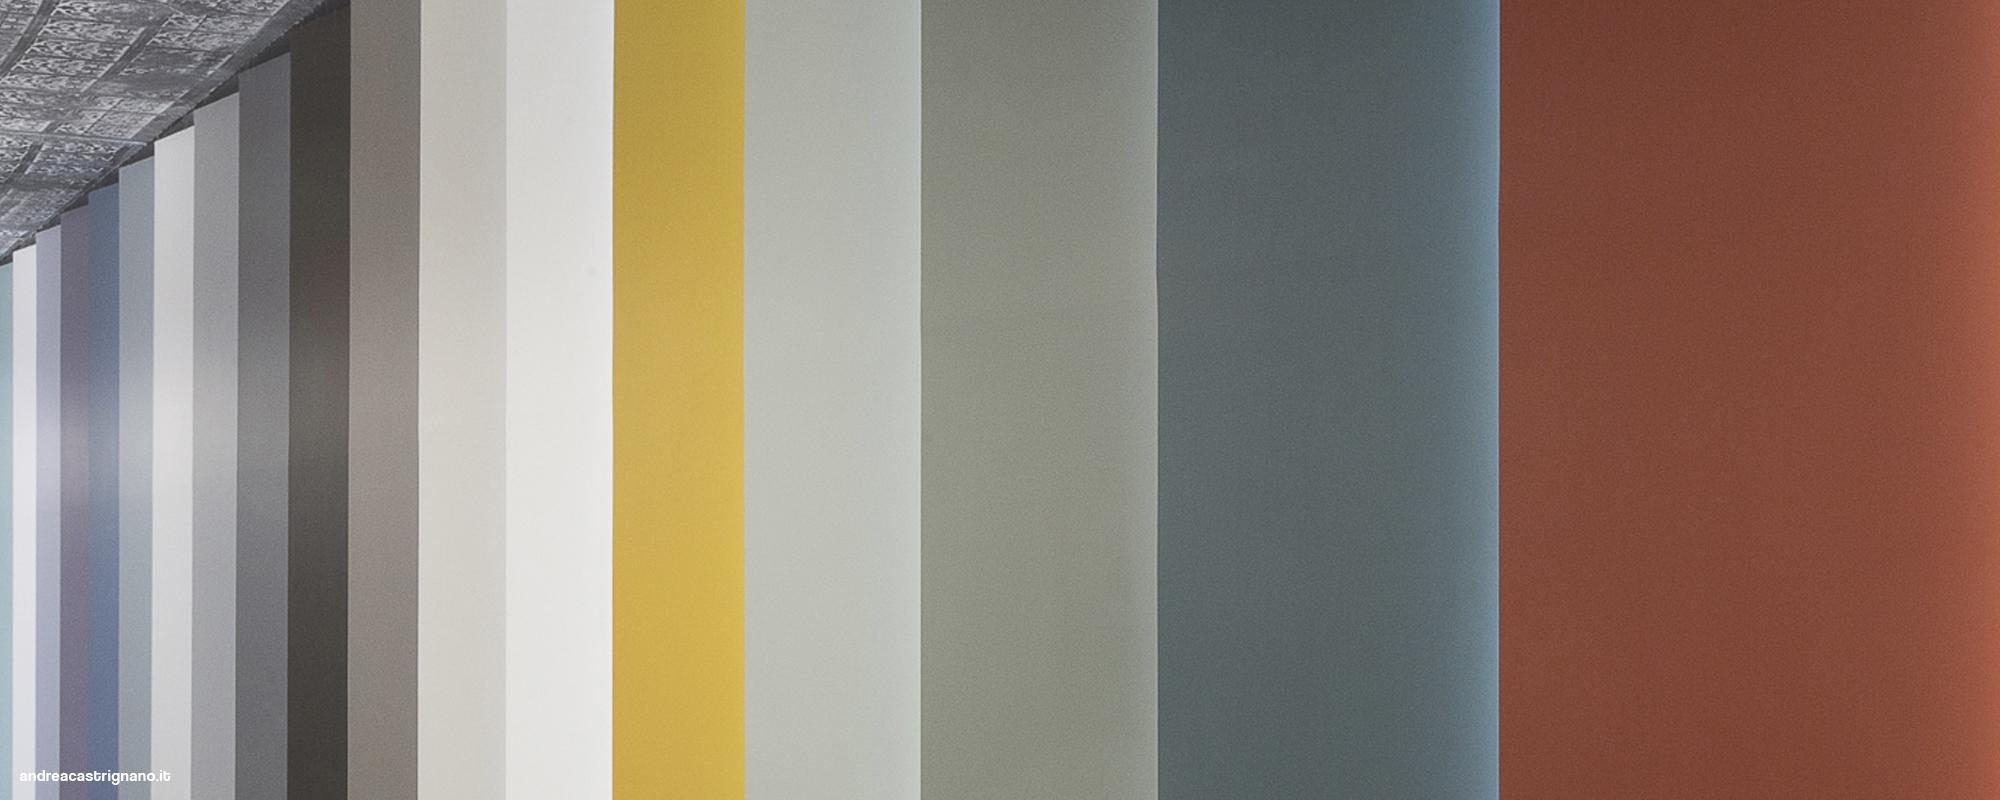 Come fare per testare i colori della casa senza stenderli for Andrea castrignano colori pareti